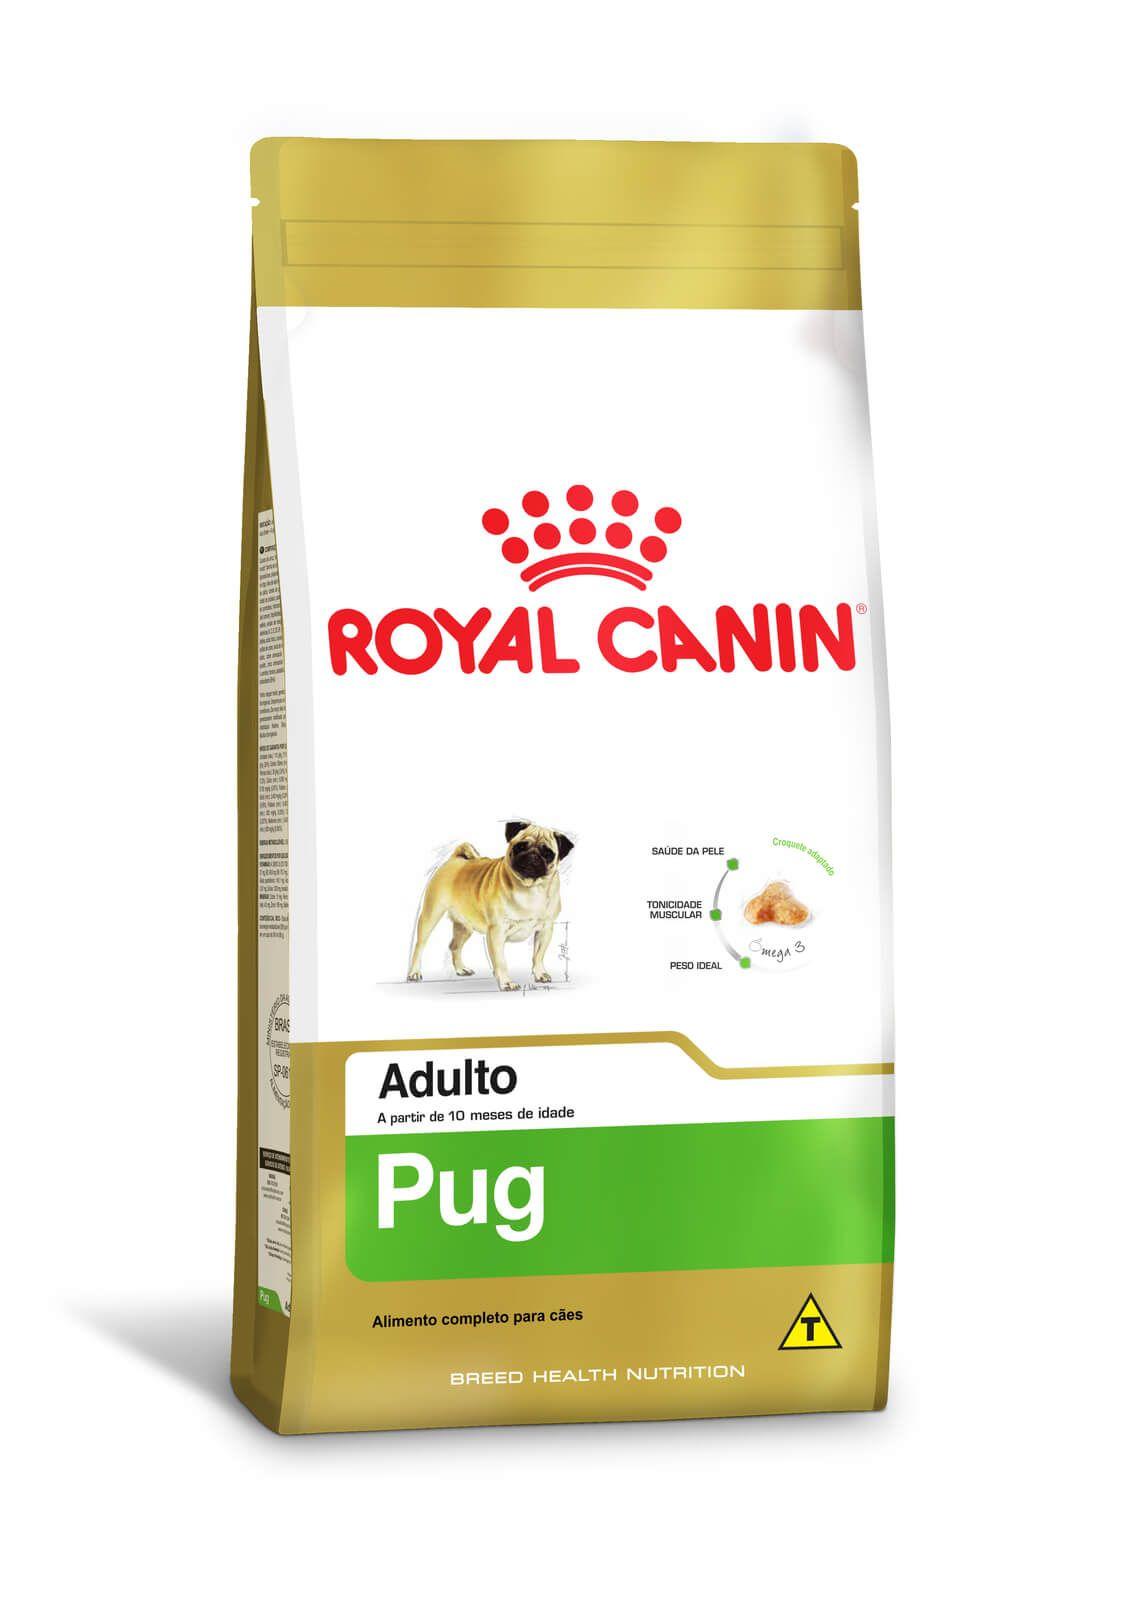 Ração Royal Canin Pug